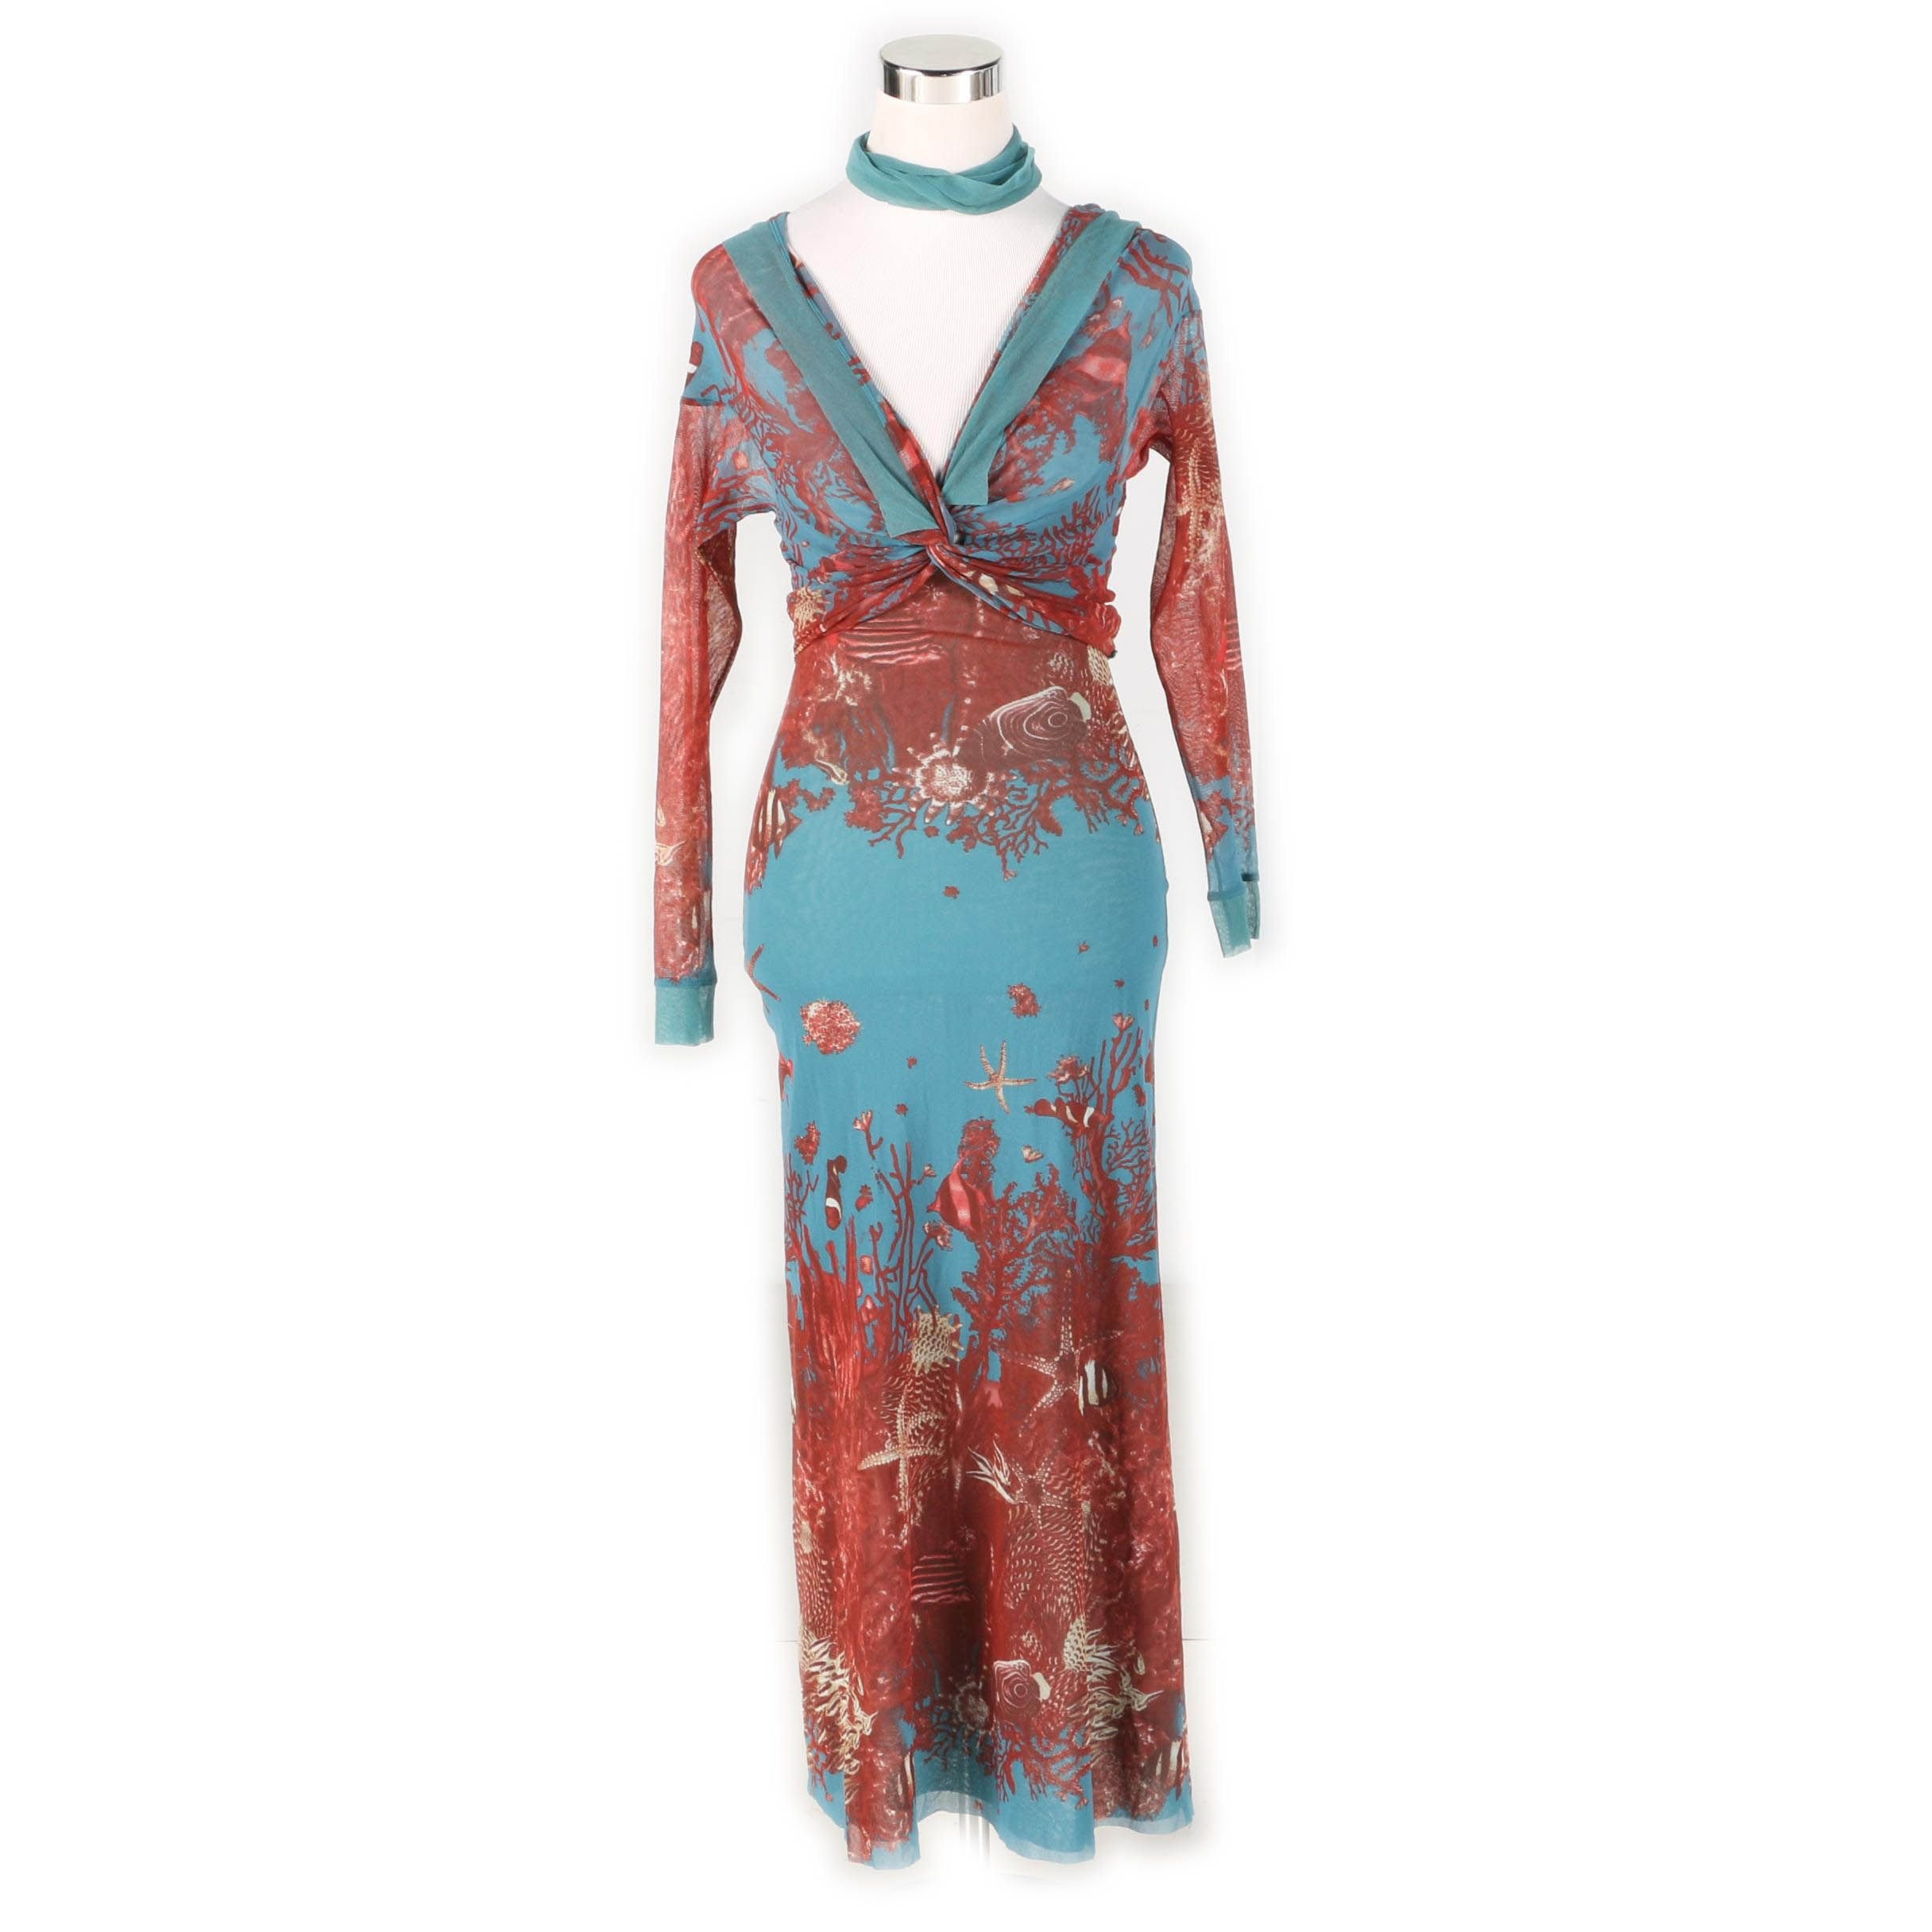 Jean Paul Gaultier Soleil Sleeveless Maxi Dress